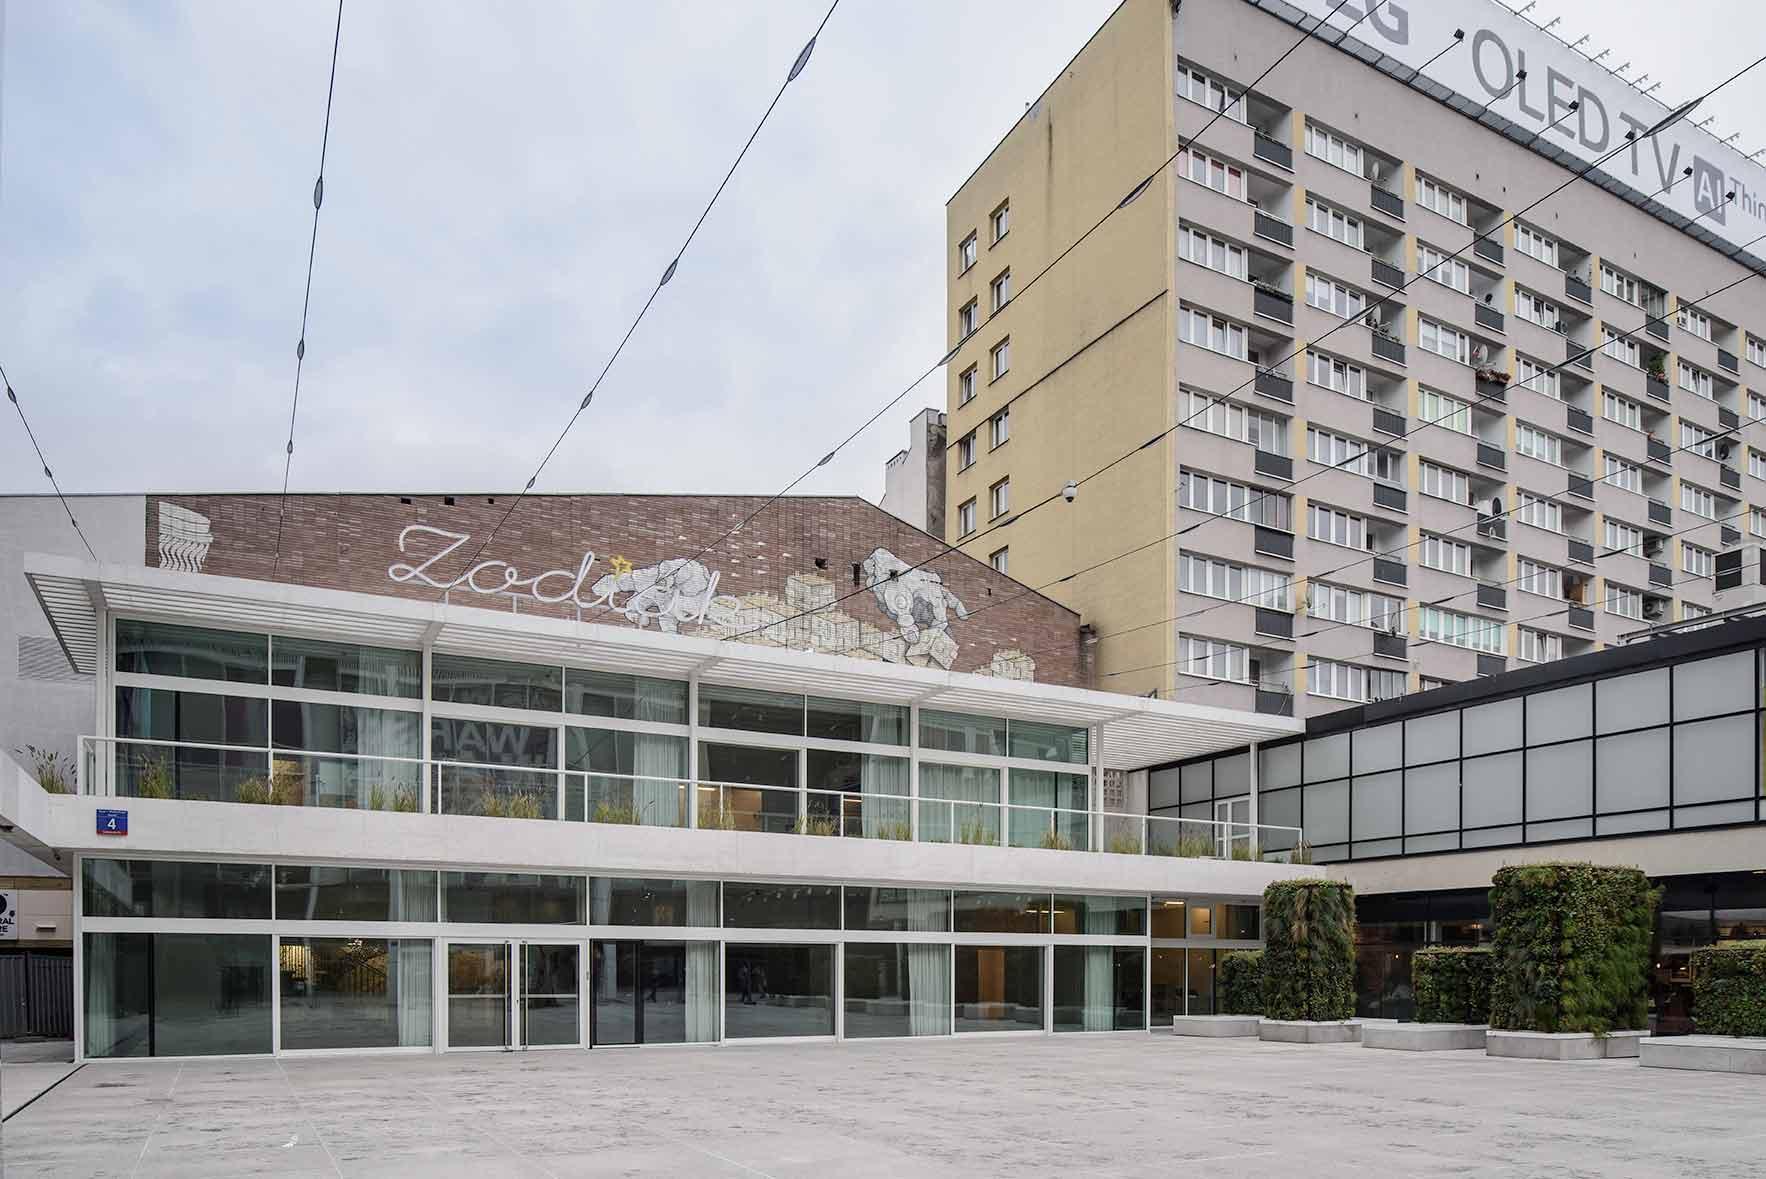 Zodiak - Warszawski Pawilon Architektury